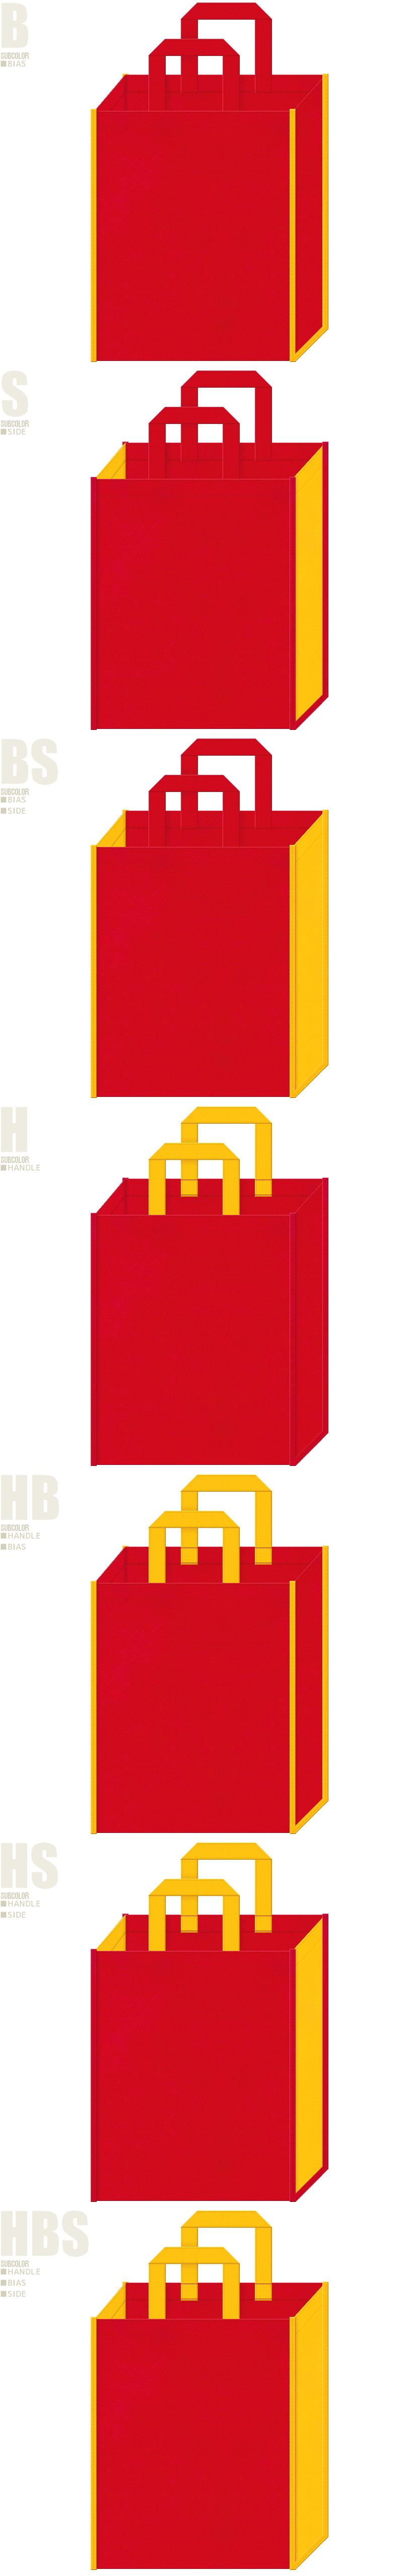 テーマパーク・キッズ・おもちゃの展示会用バッグにお奨めの不織布バッグデザイン:紅色と黄色の配色7パターン